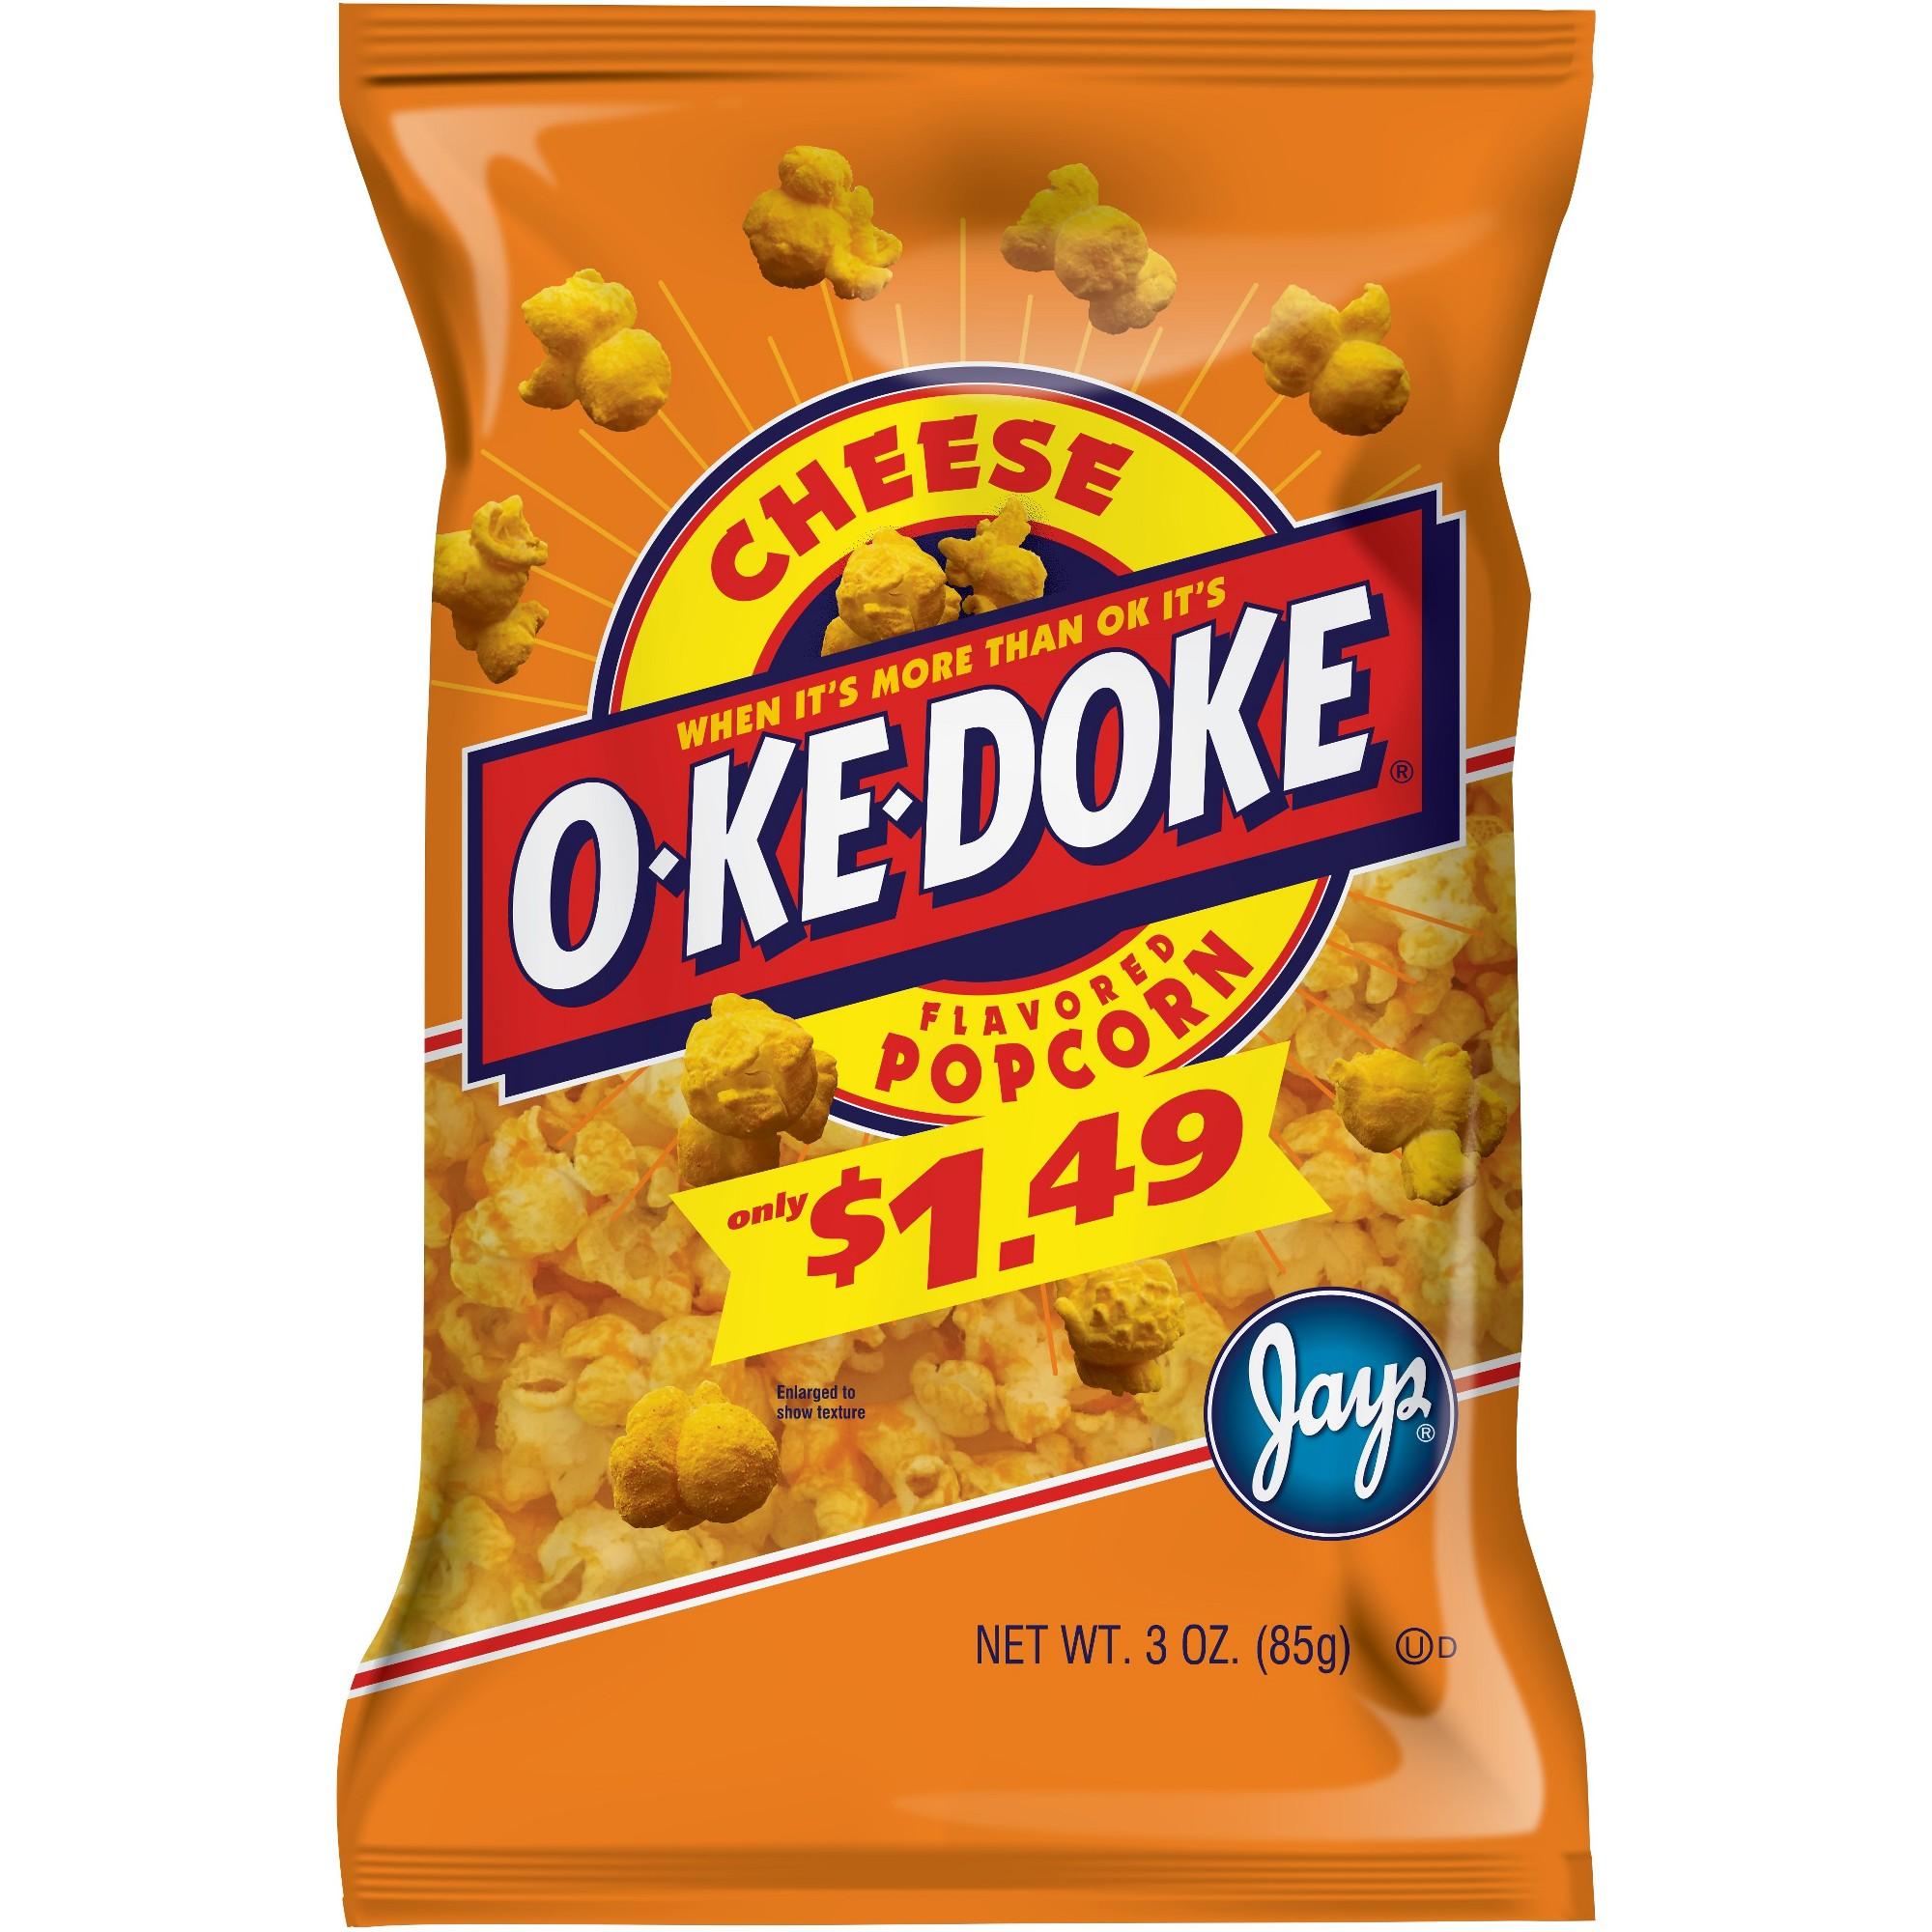 O-Ke-Doke Cheese Flavored Popcorn - 3oz